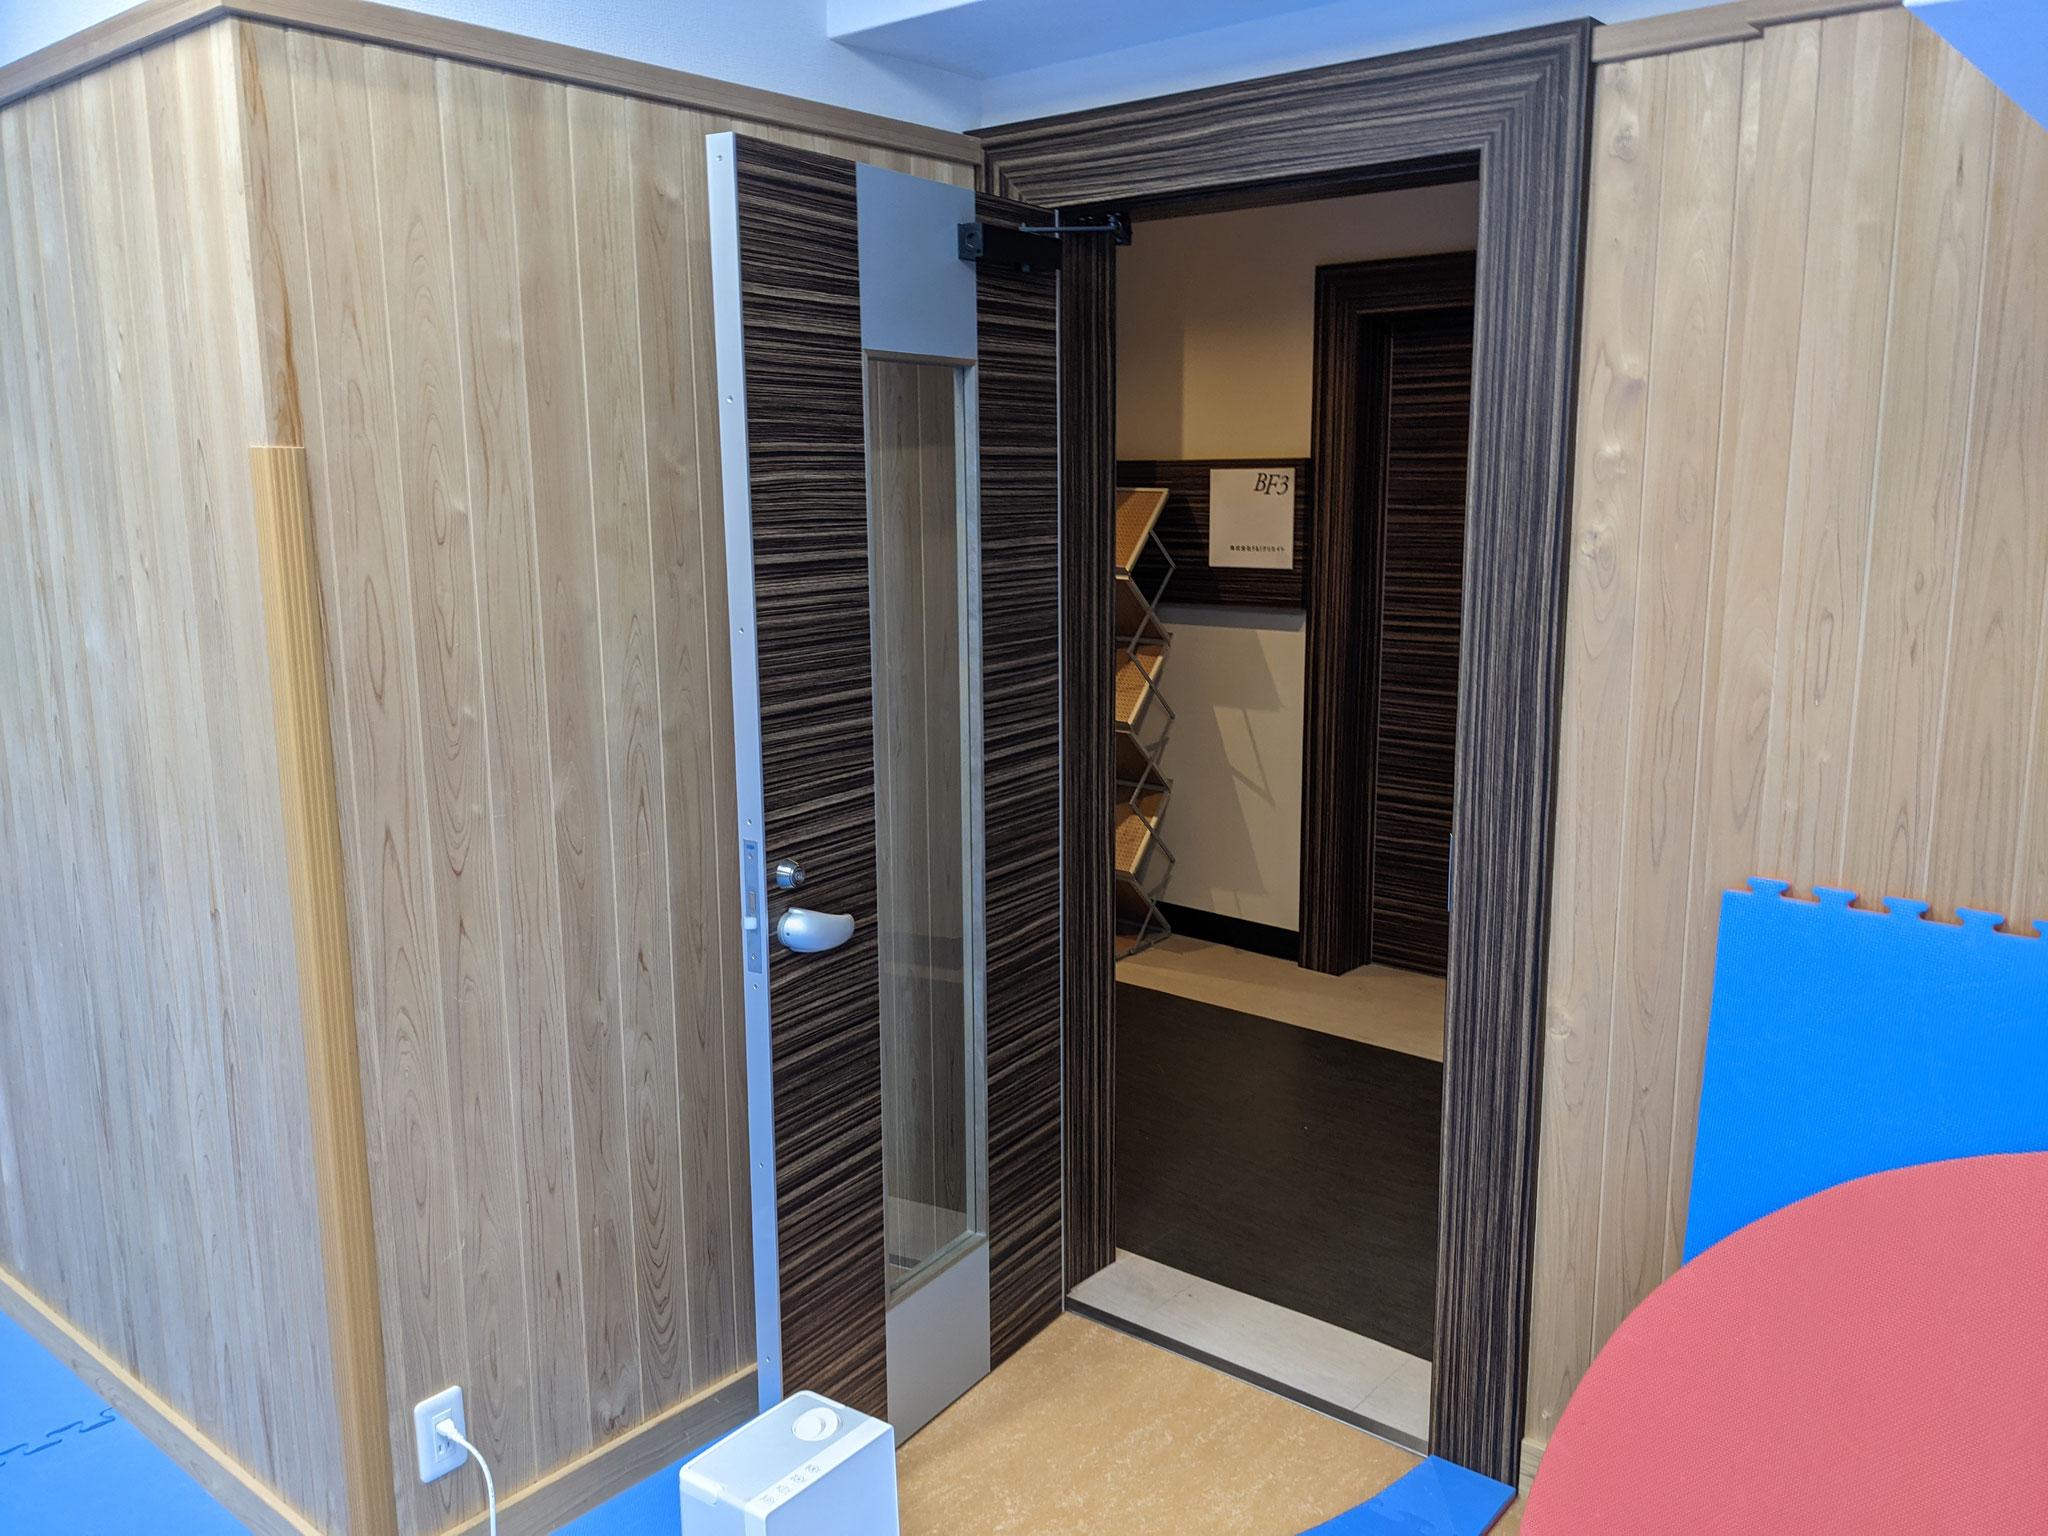 2)部屋の扉は全開